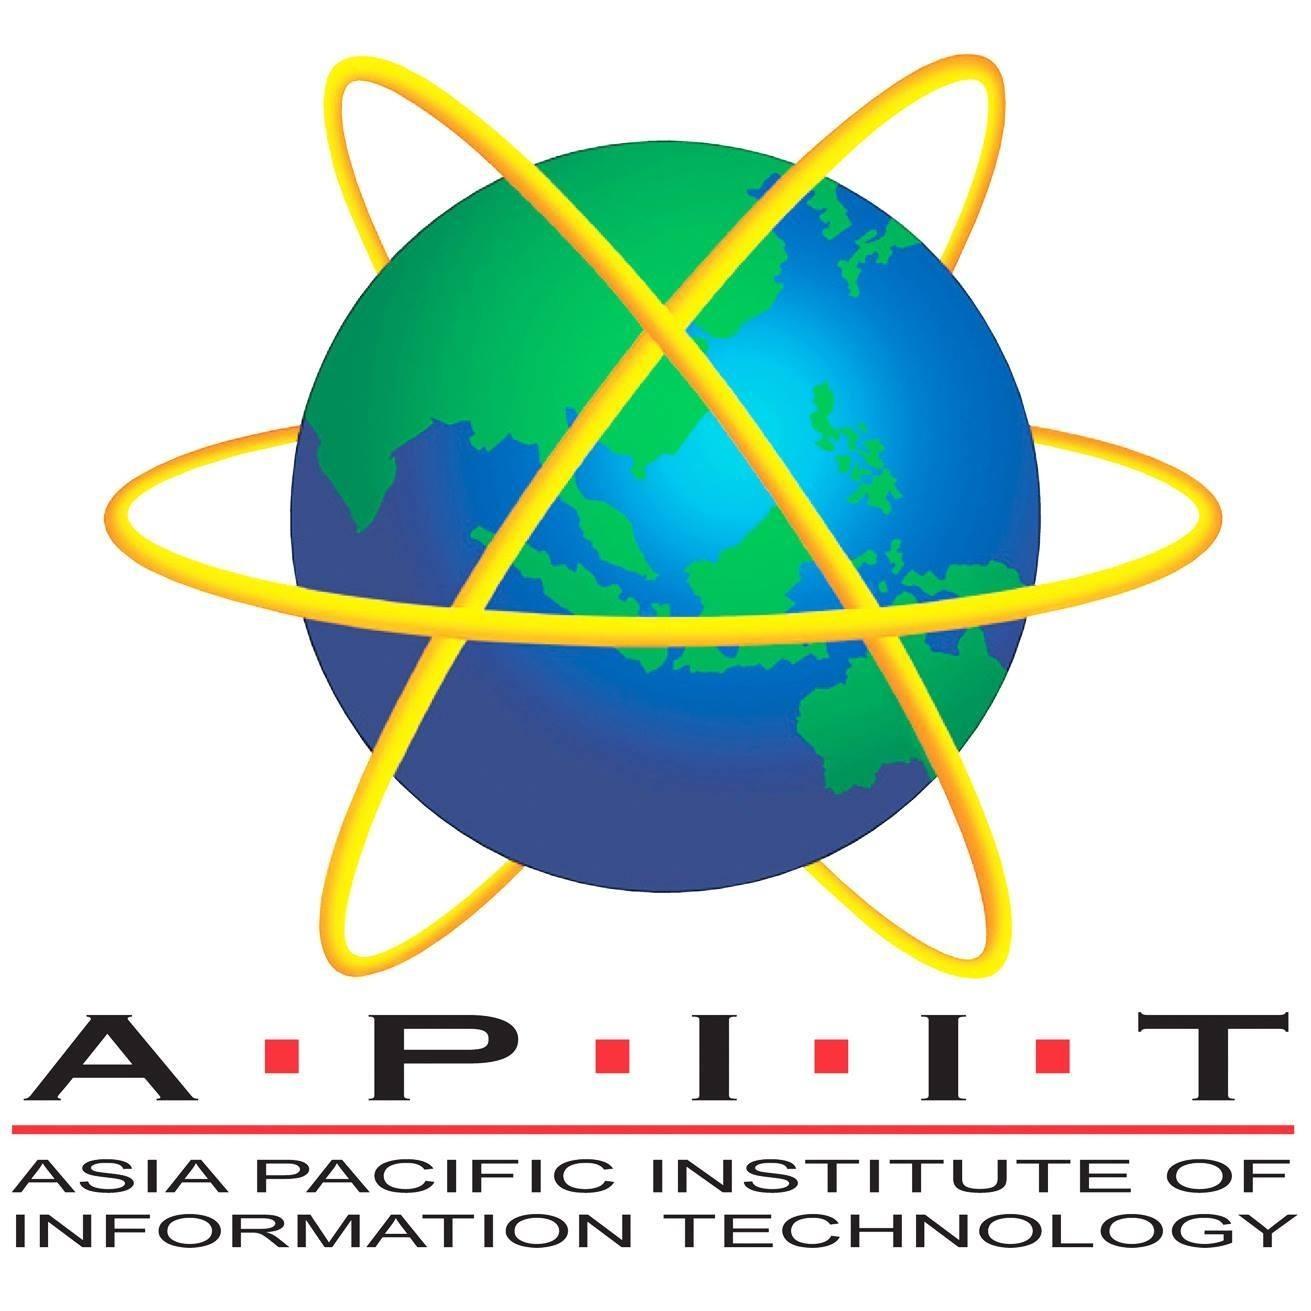 APIIT Sri Lanka